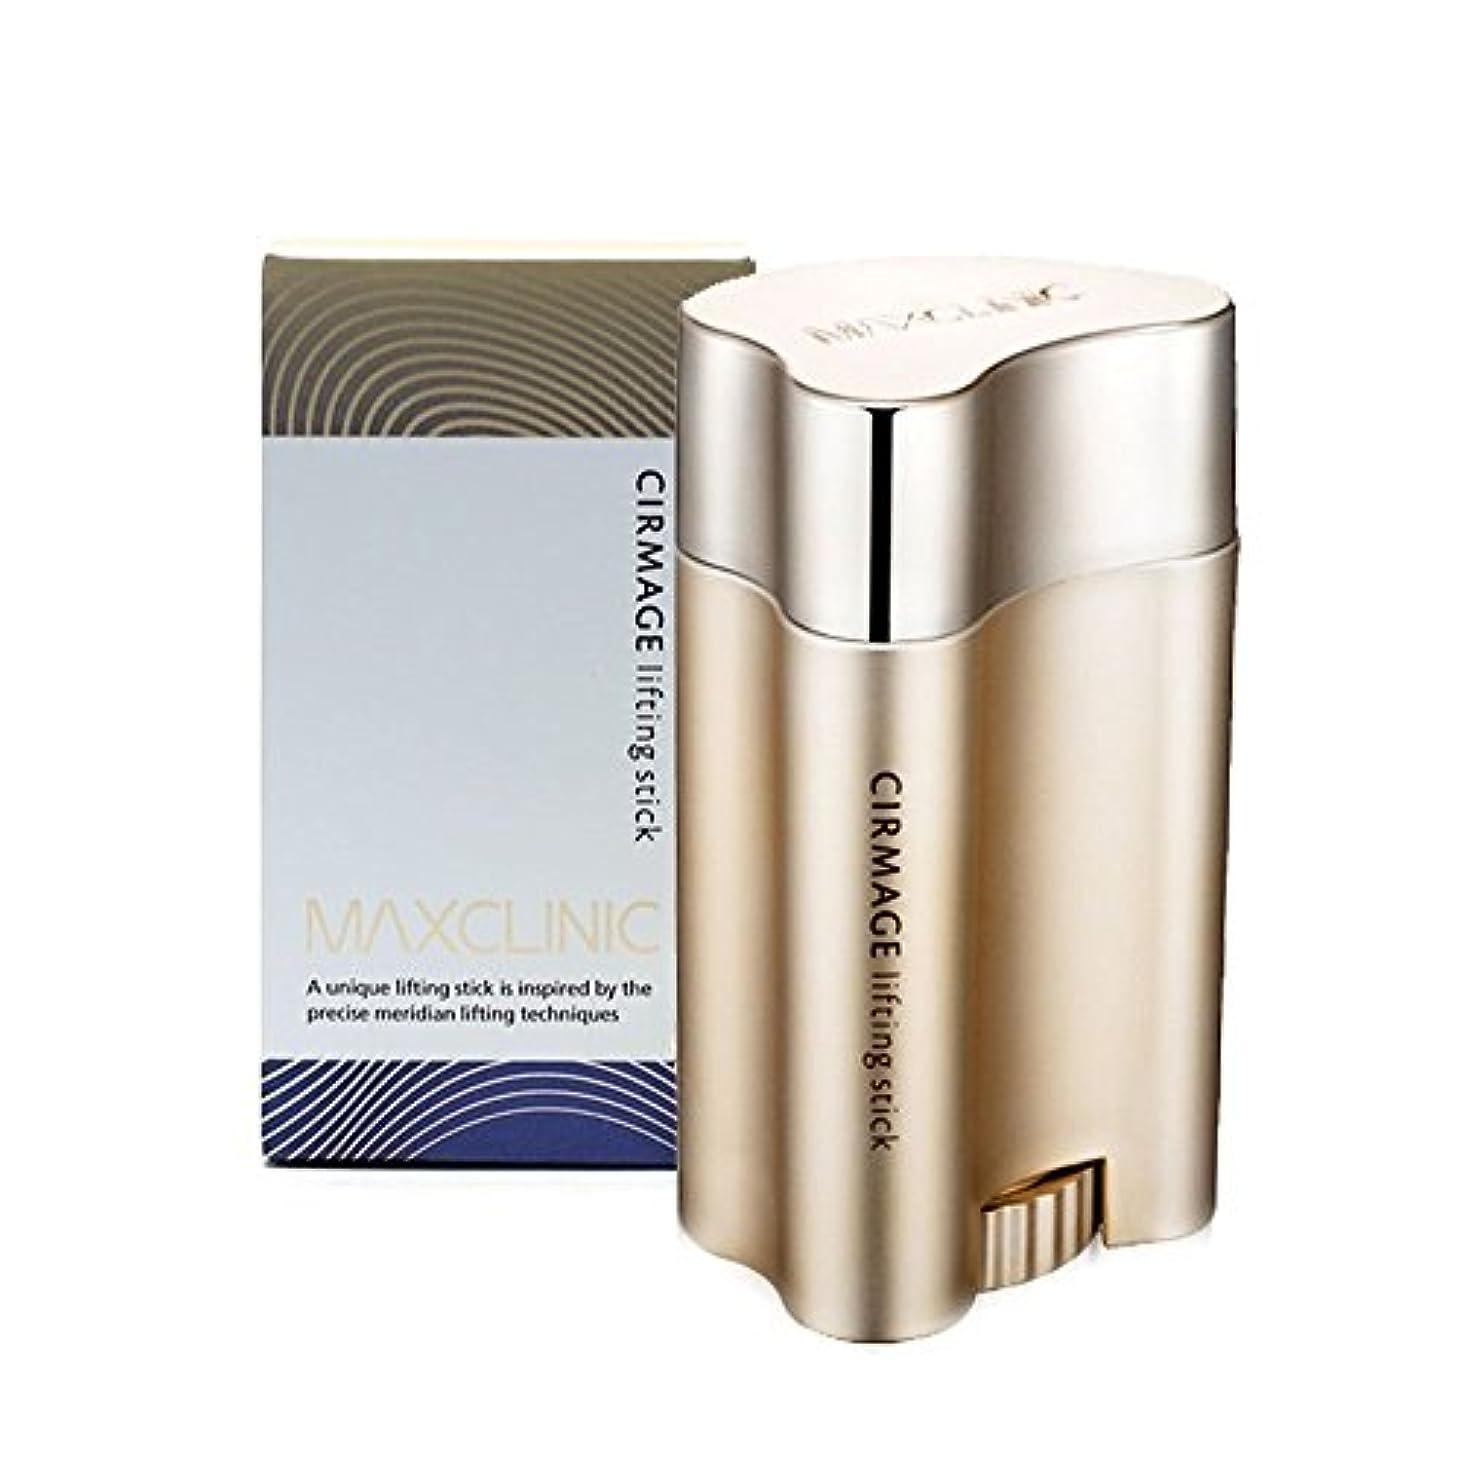 スプーン助けになるなかなかMAXCLINIC マックスクリニック サーメージ リフティング スティック 23g(Cirmage Lifting Stick 23g)/Direct from Korea/w free Gift Sample [並行輸入品]